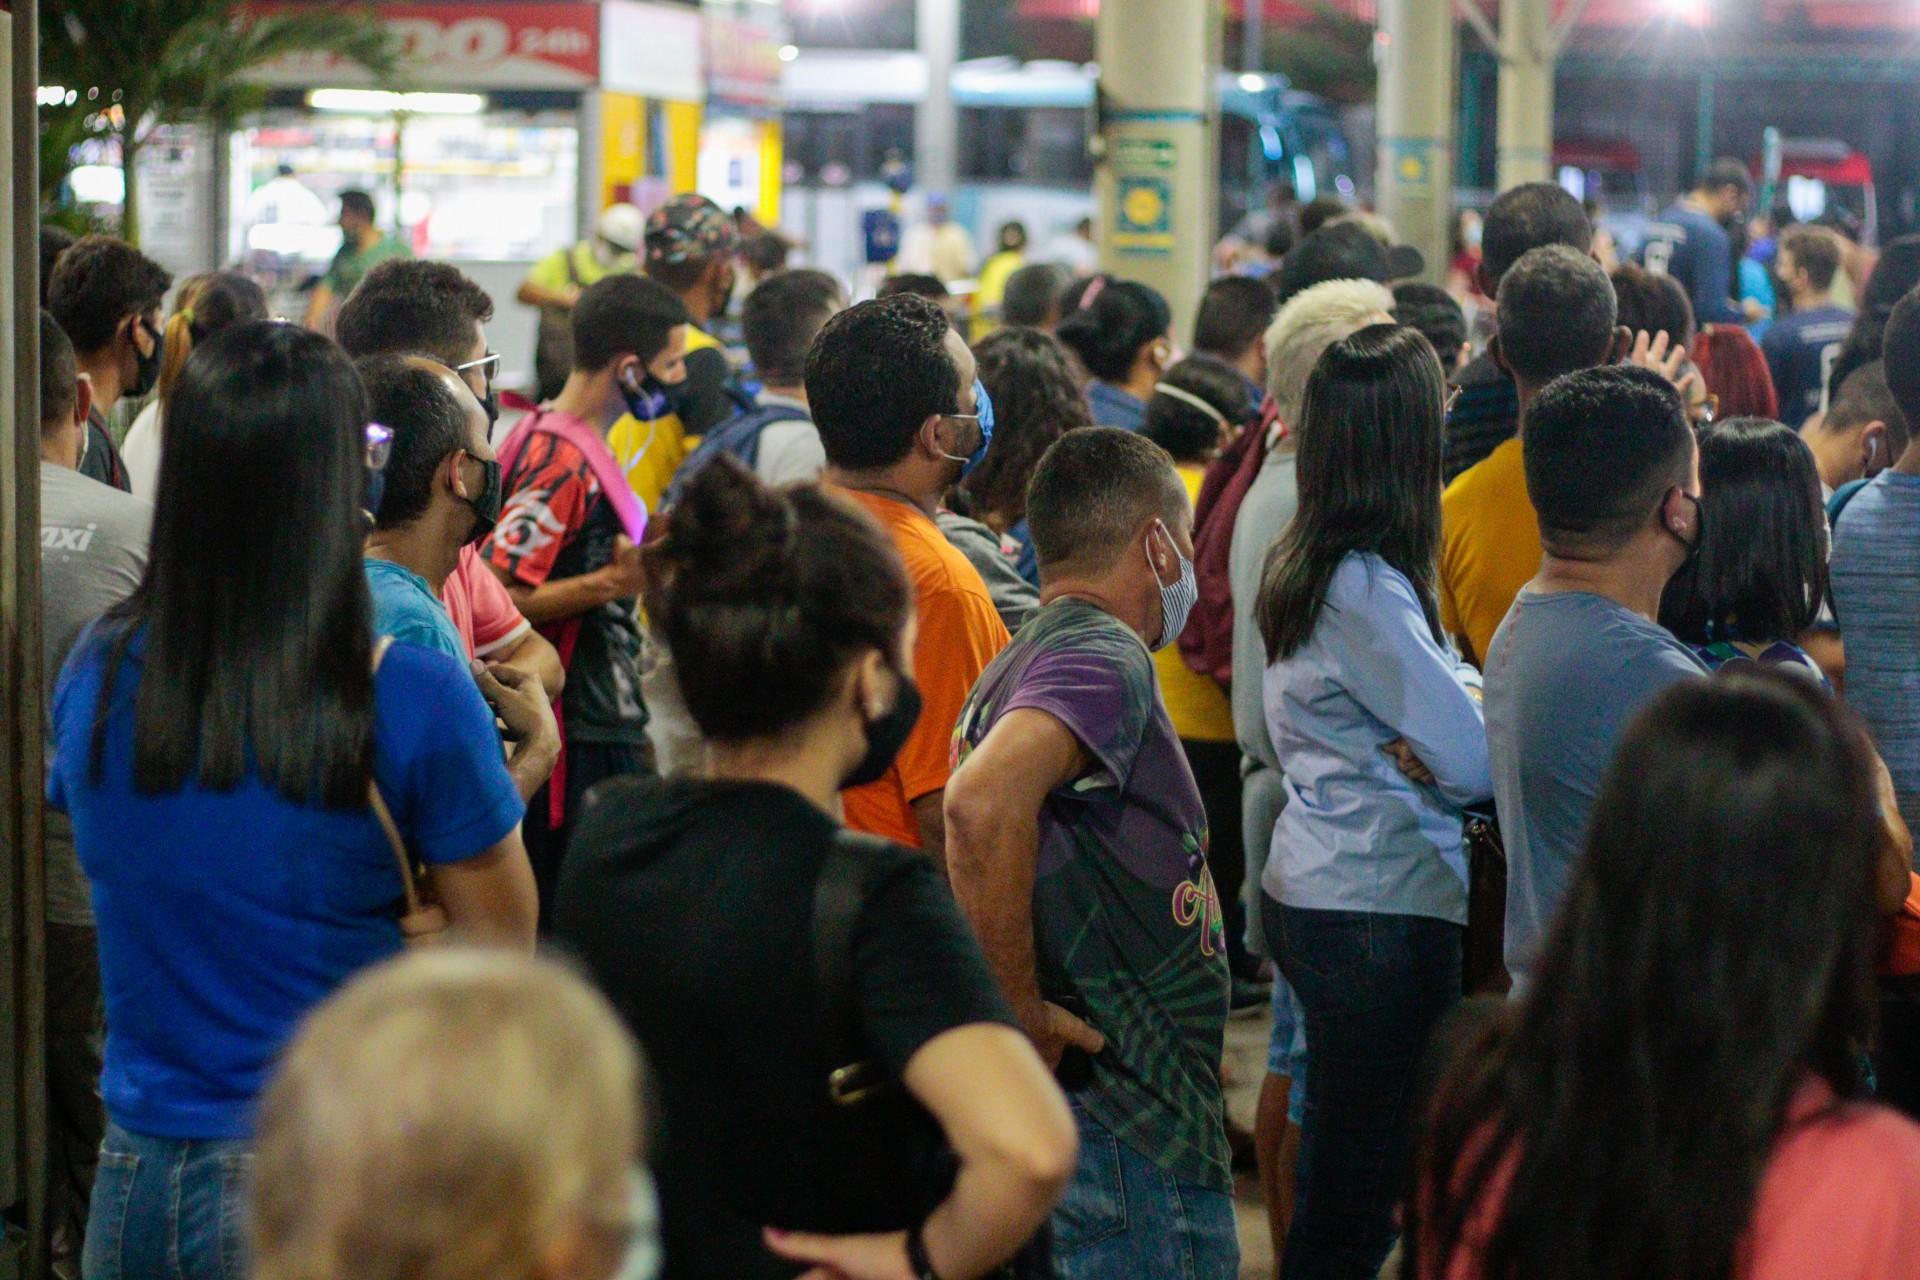 Nível de transmissão do vírus é preocupante na maioria dos estados, aponta boletim da Fiocruz